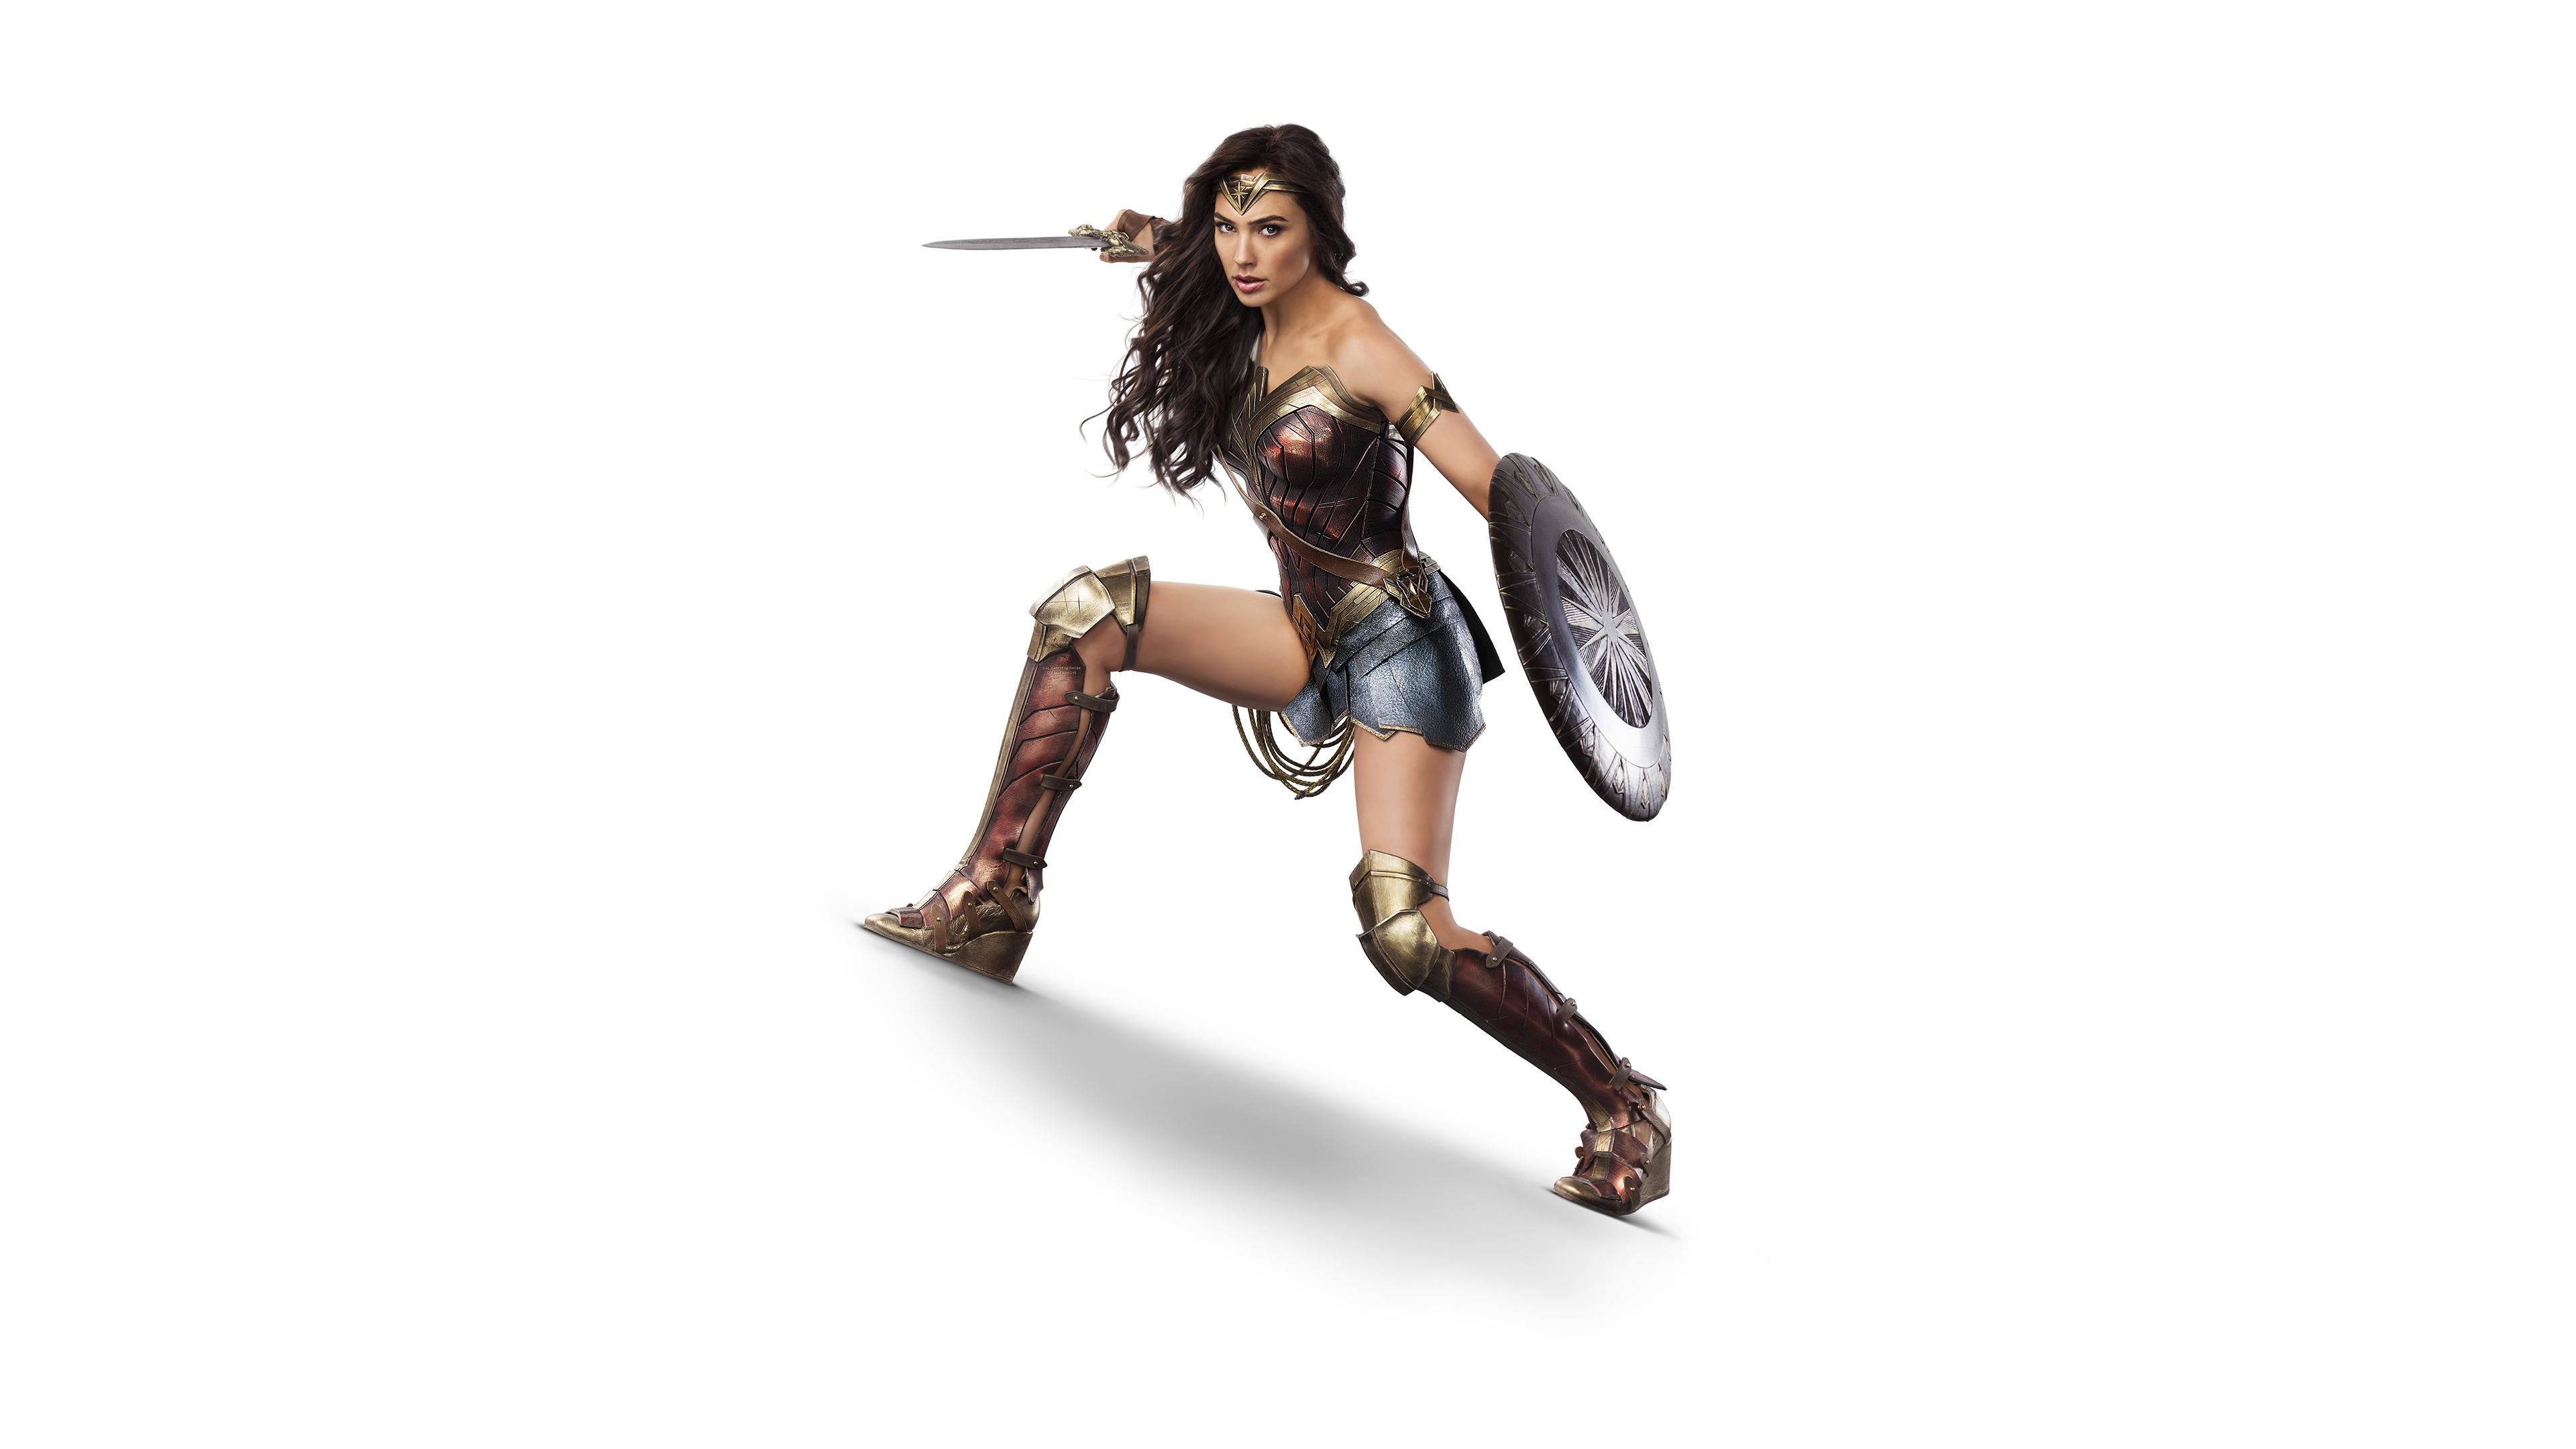 4k wonder woman gal gadot 1539978592 - 4k Wonder Woman Gal Gadot - wonder woman wallpapers, superheroes wallpapers, hd-wallpapers, gal gadot wallpapers, 4k-wallpapers